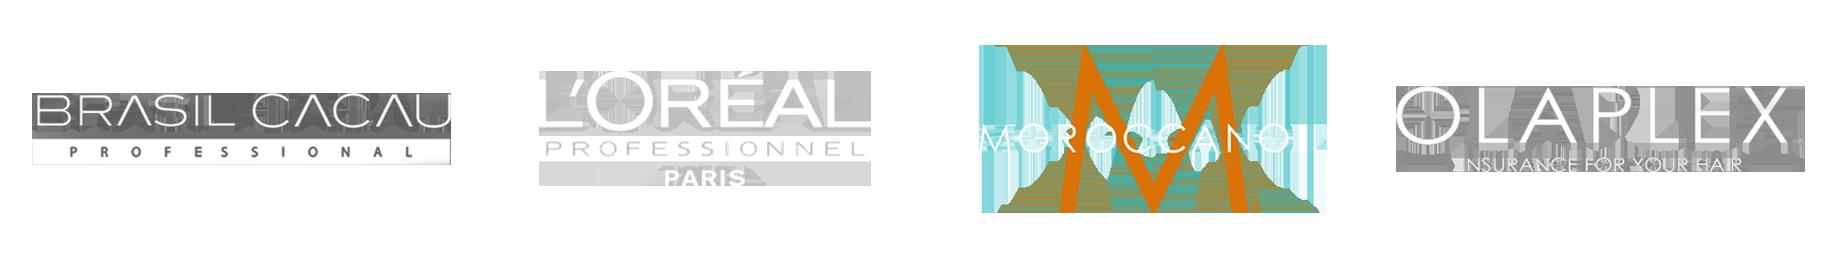 Brands: Brasil Cacau, L'oreal, Moroccanoil, Olaplex